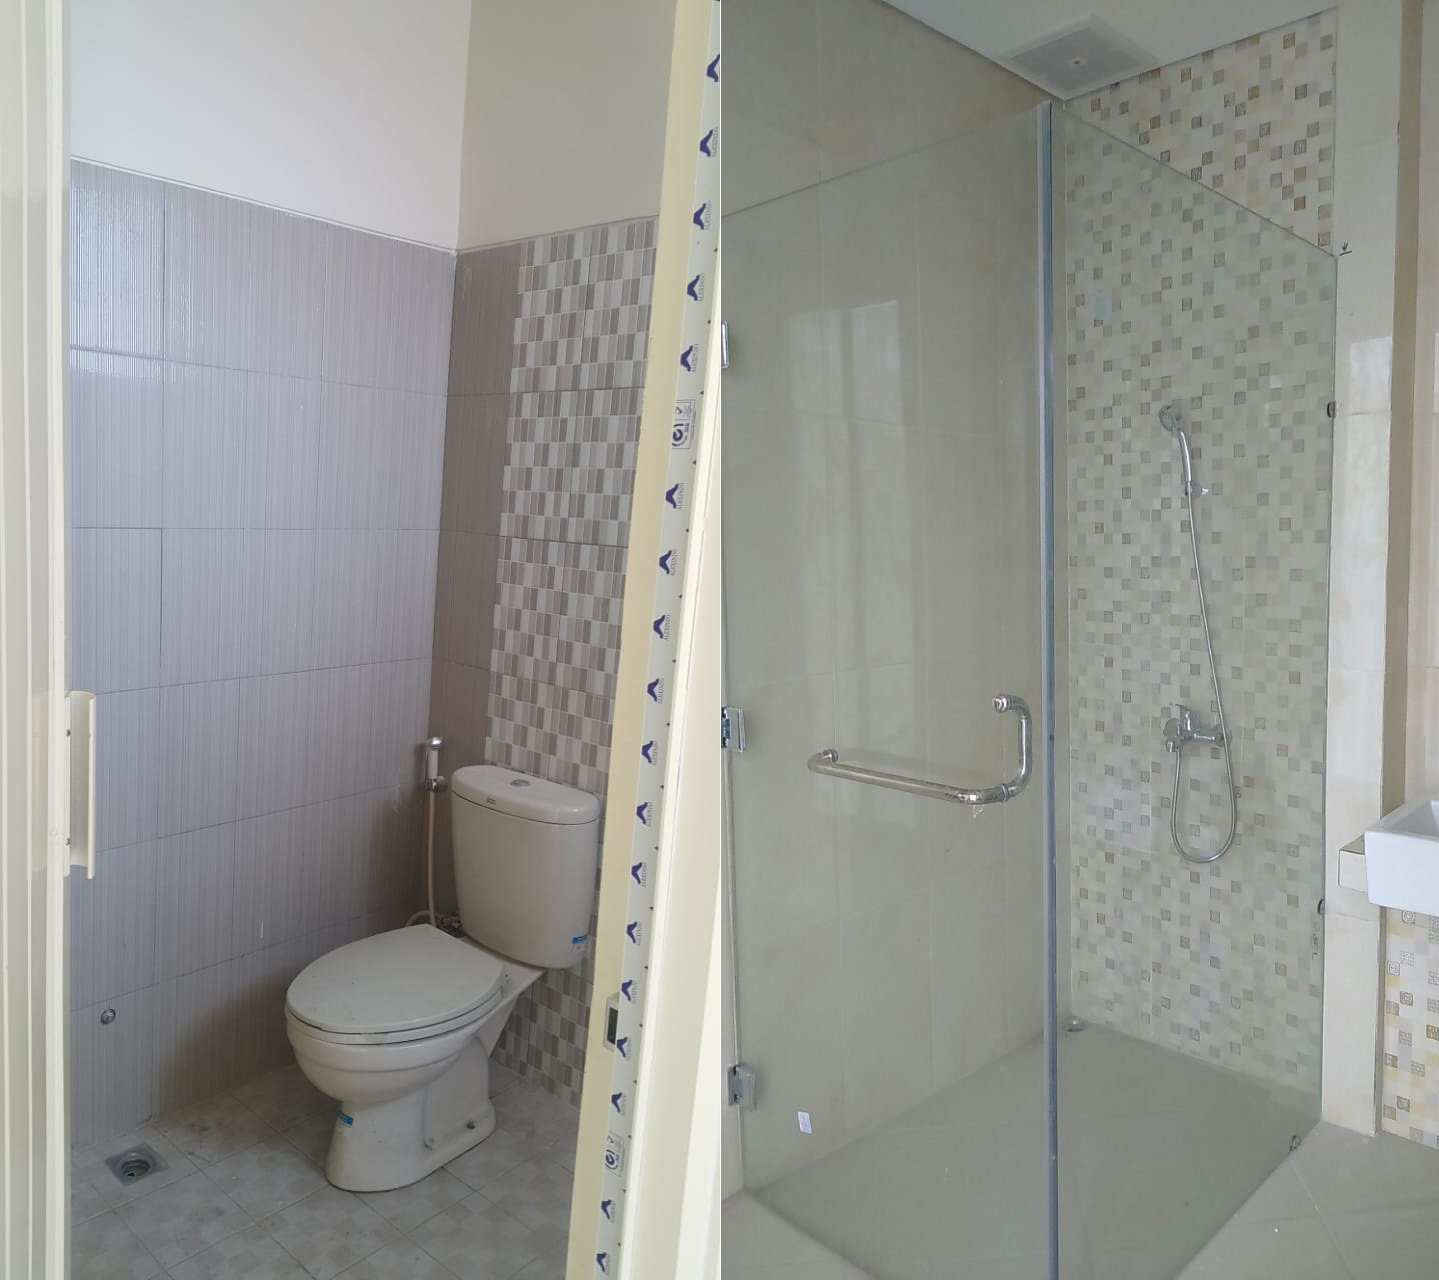 contoh desain kamar mandi pada rumah minimalis » Begini Cara Mendesain Rumah Minimalis yang Optimal